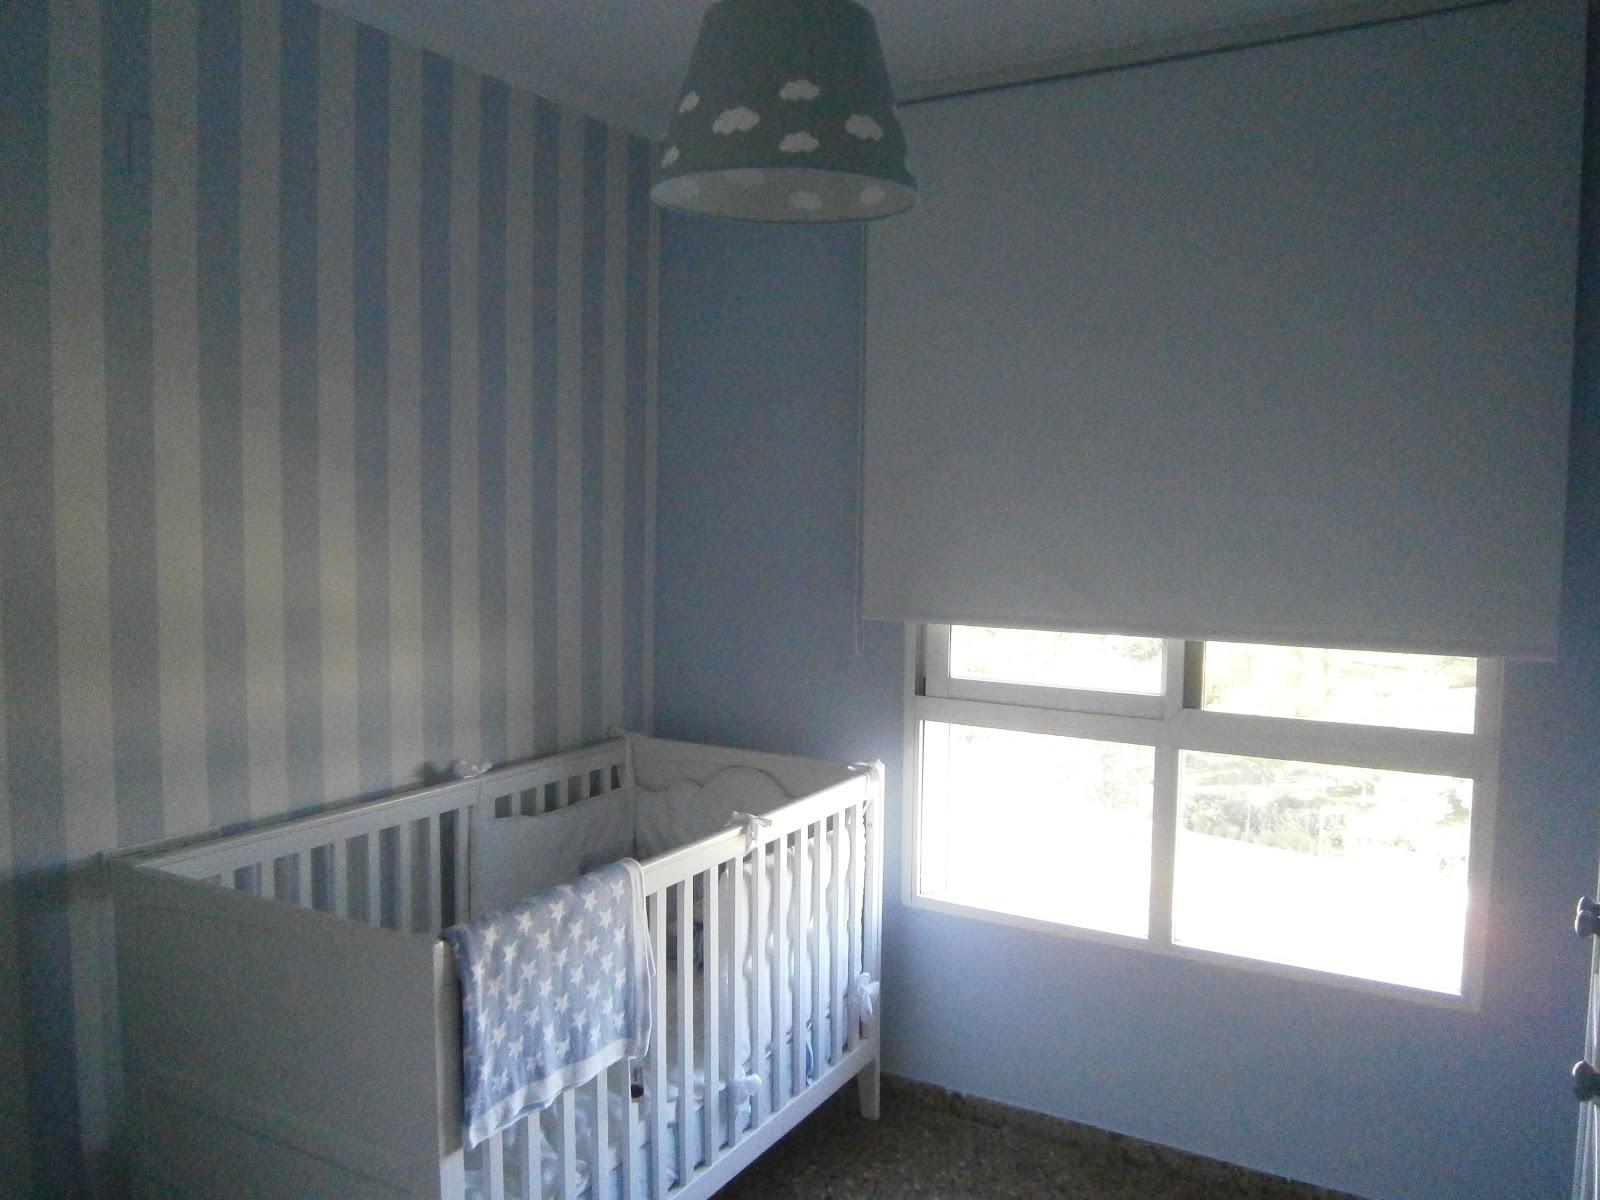 Diario de una madre inexperta amueblar una habitacion de for Iluminacion habitacion bebe